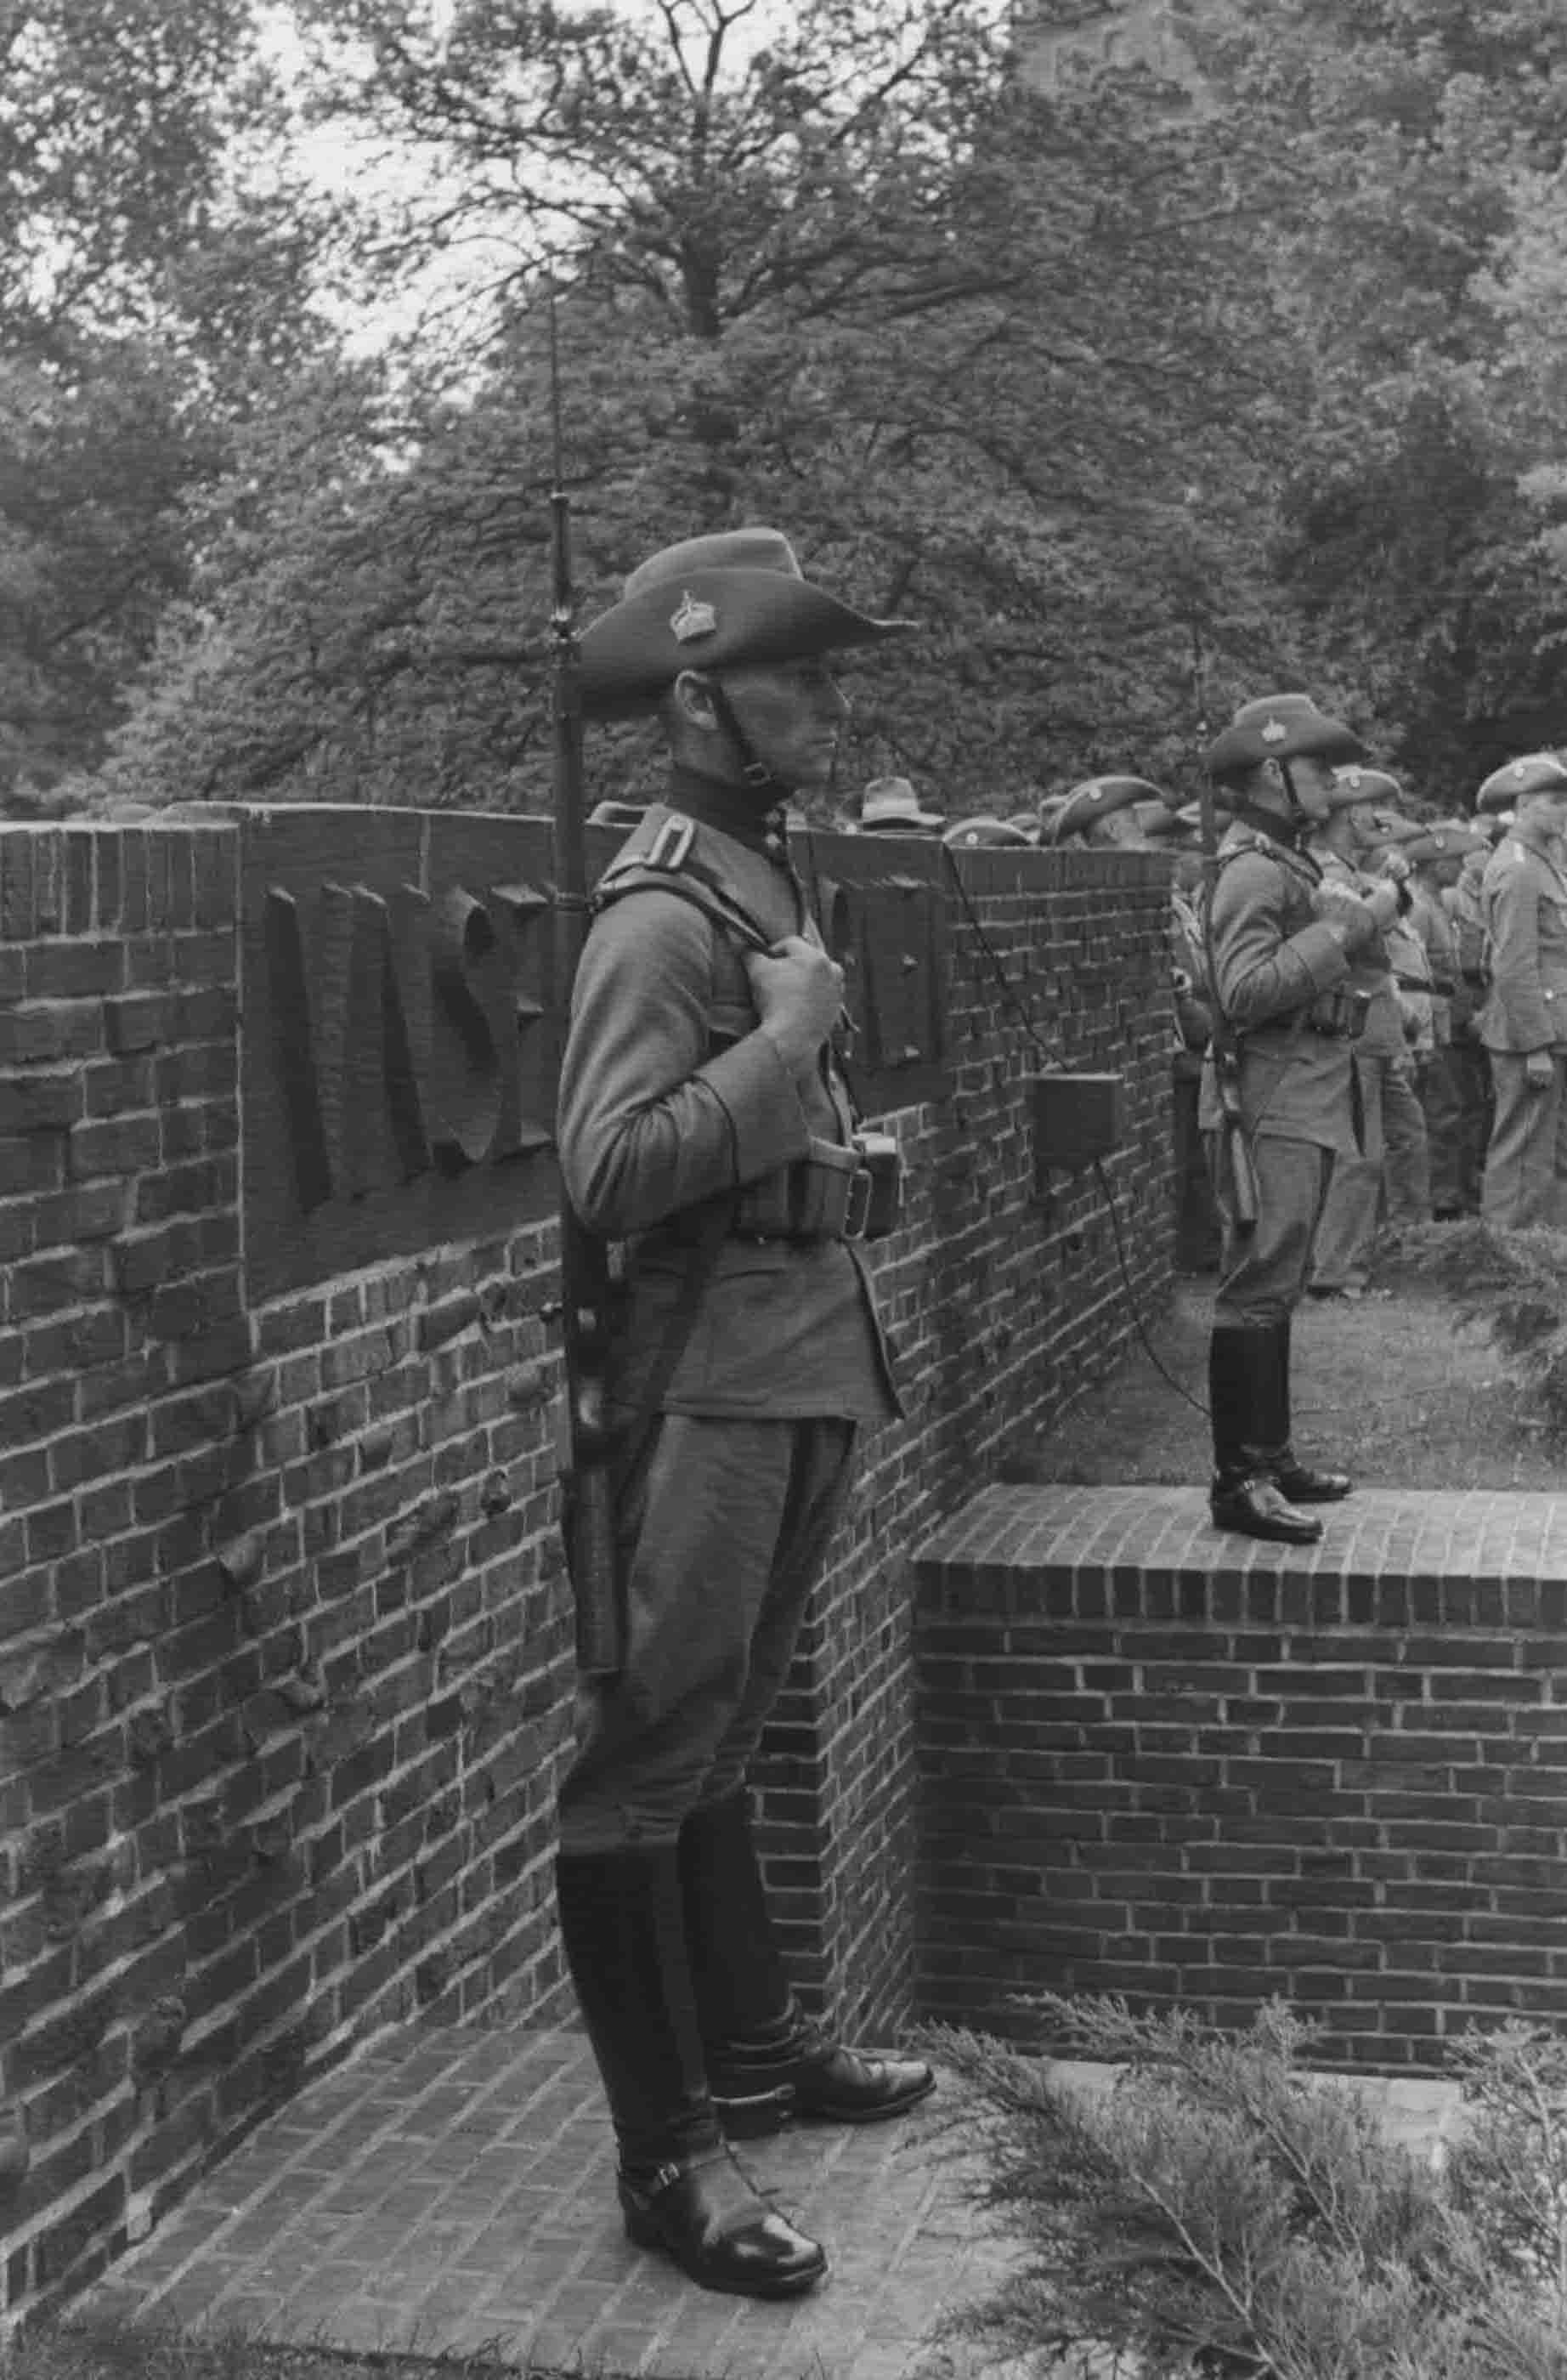 Martialisch: Wachen in der Uniform der Schutztruppe 1938 am Kolonial-Ehrenmal. Quelle: Bildbestand der Deutschen Kolonialgesellschaft in der Universitätsbibliothek Frankfurt am Main